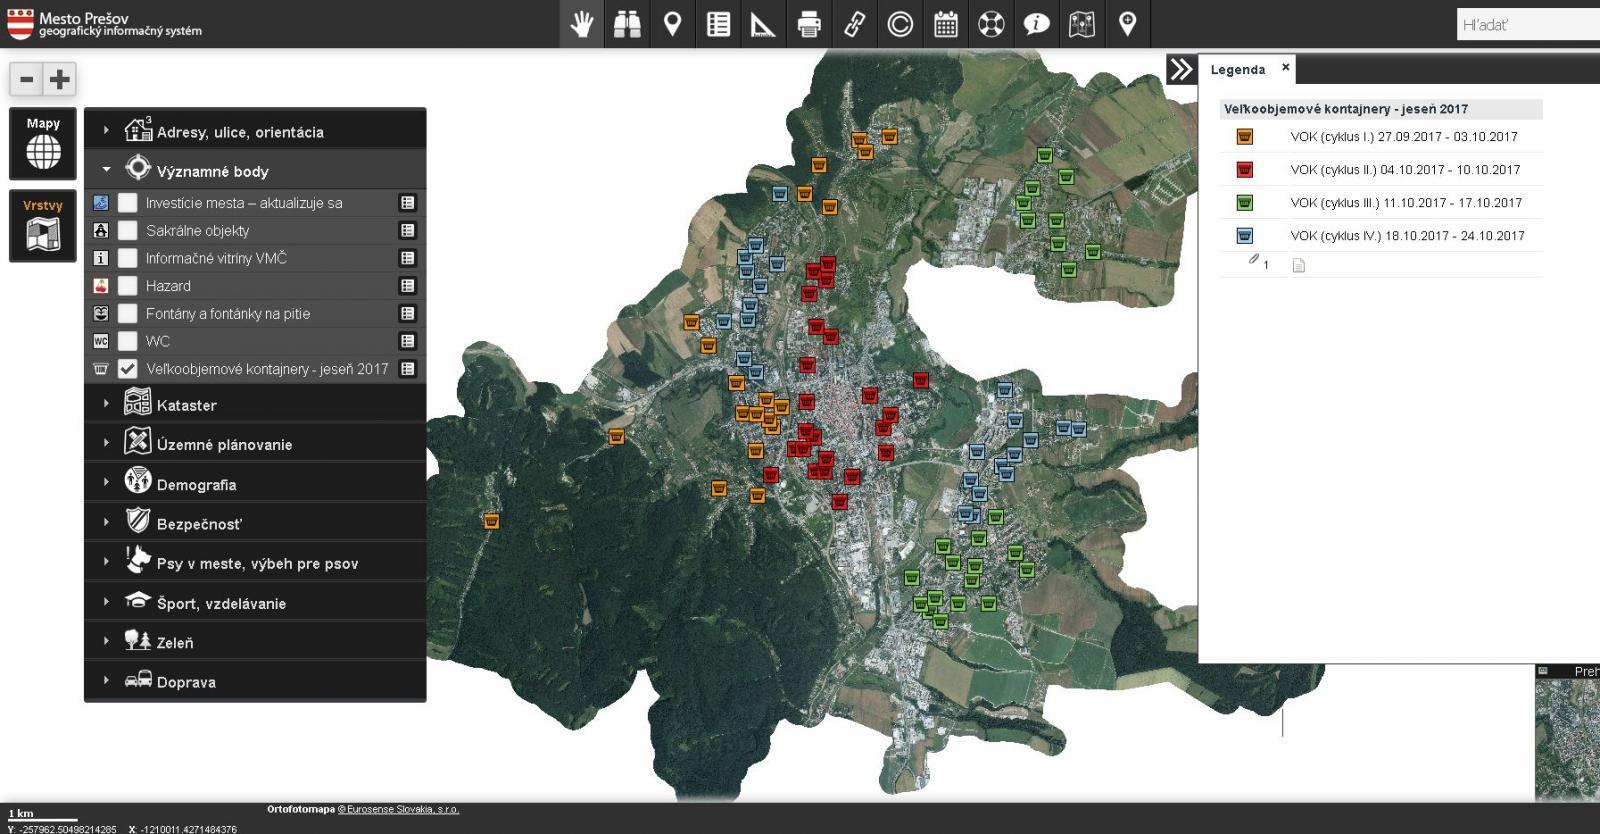 sociálne siete a dátumové údaje lokalít